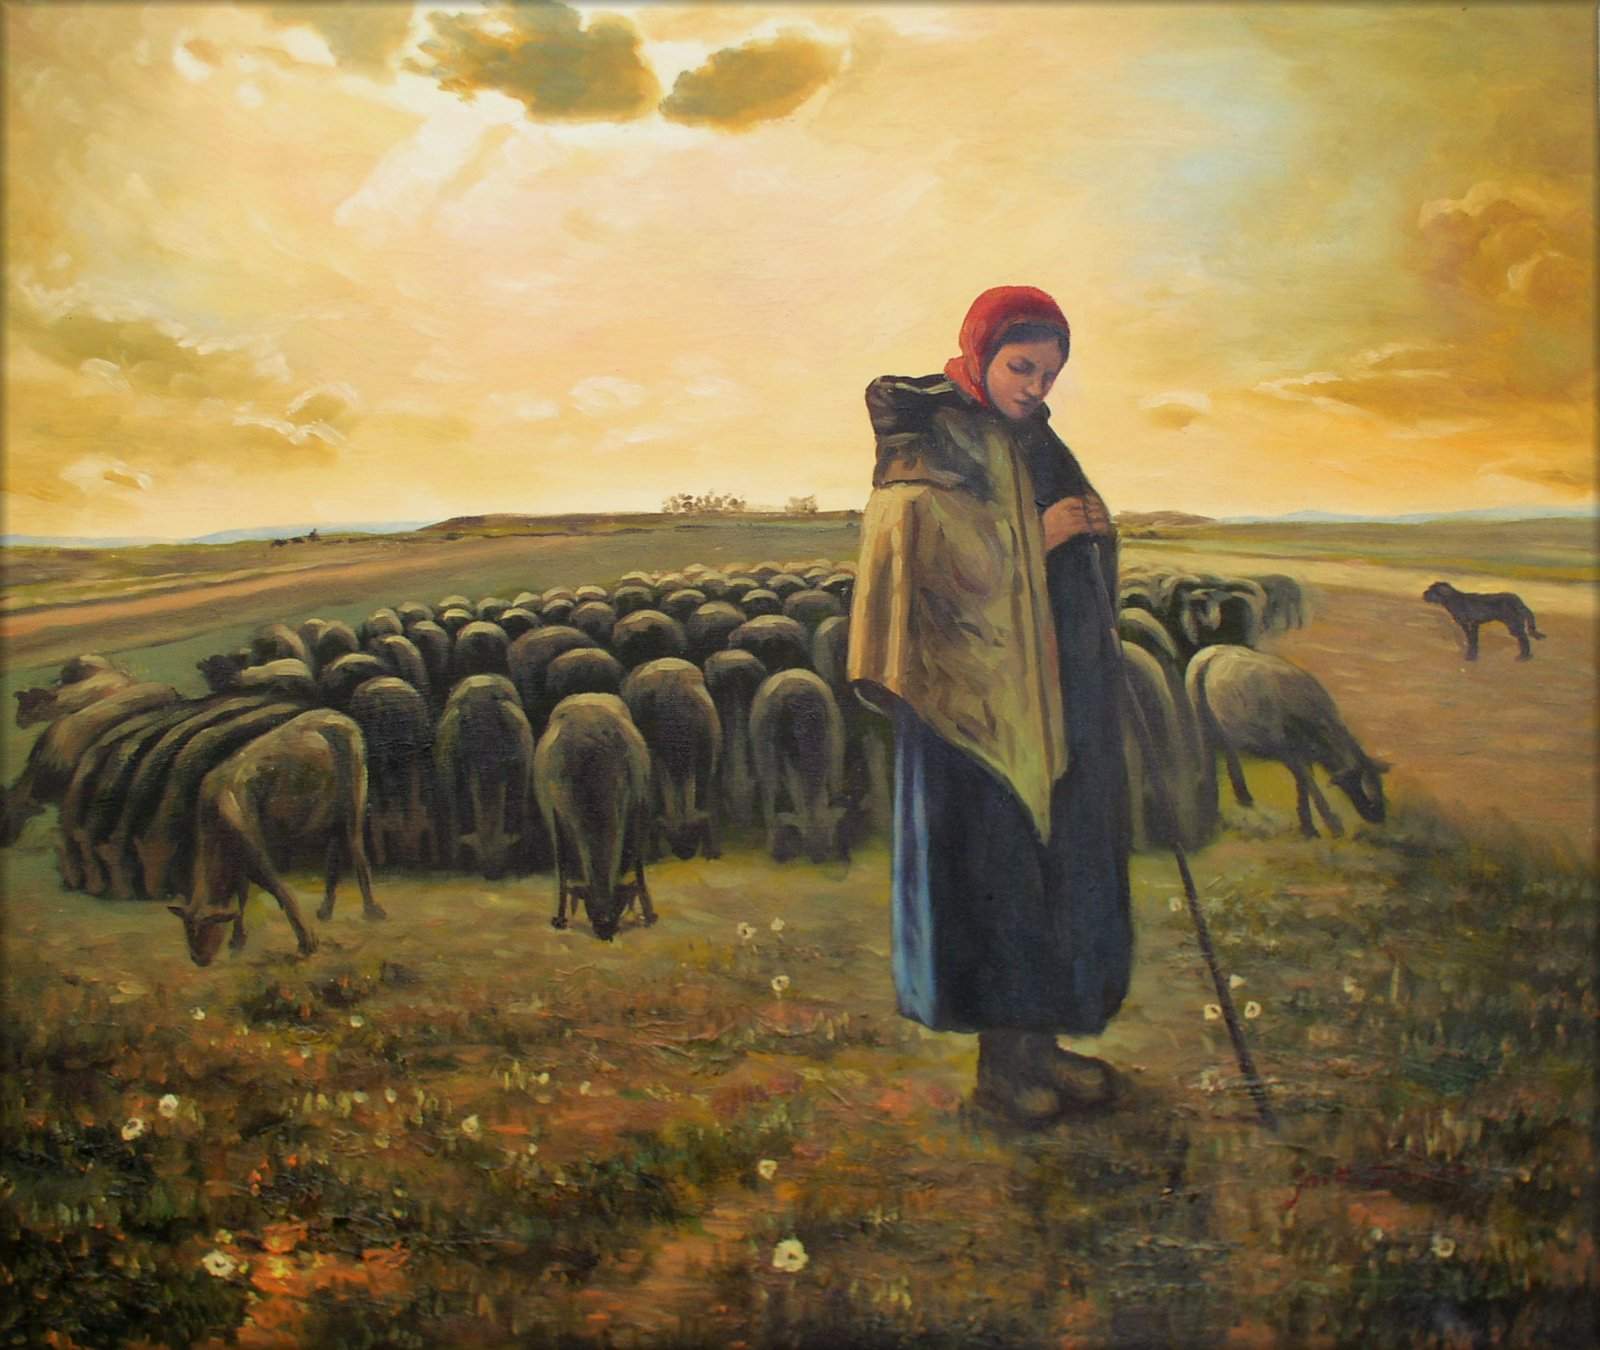 让·弗朗索瓦·米勒《牧羊女与群羊》